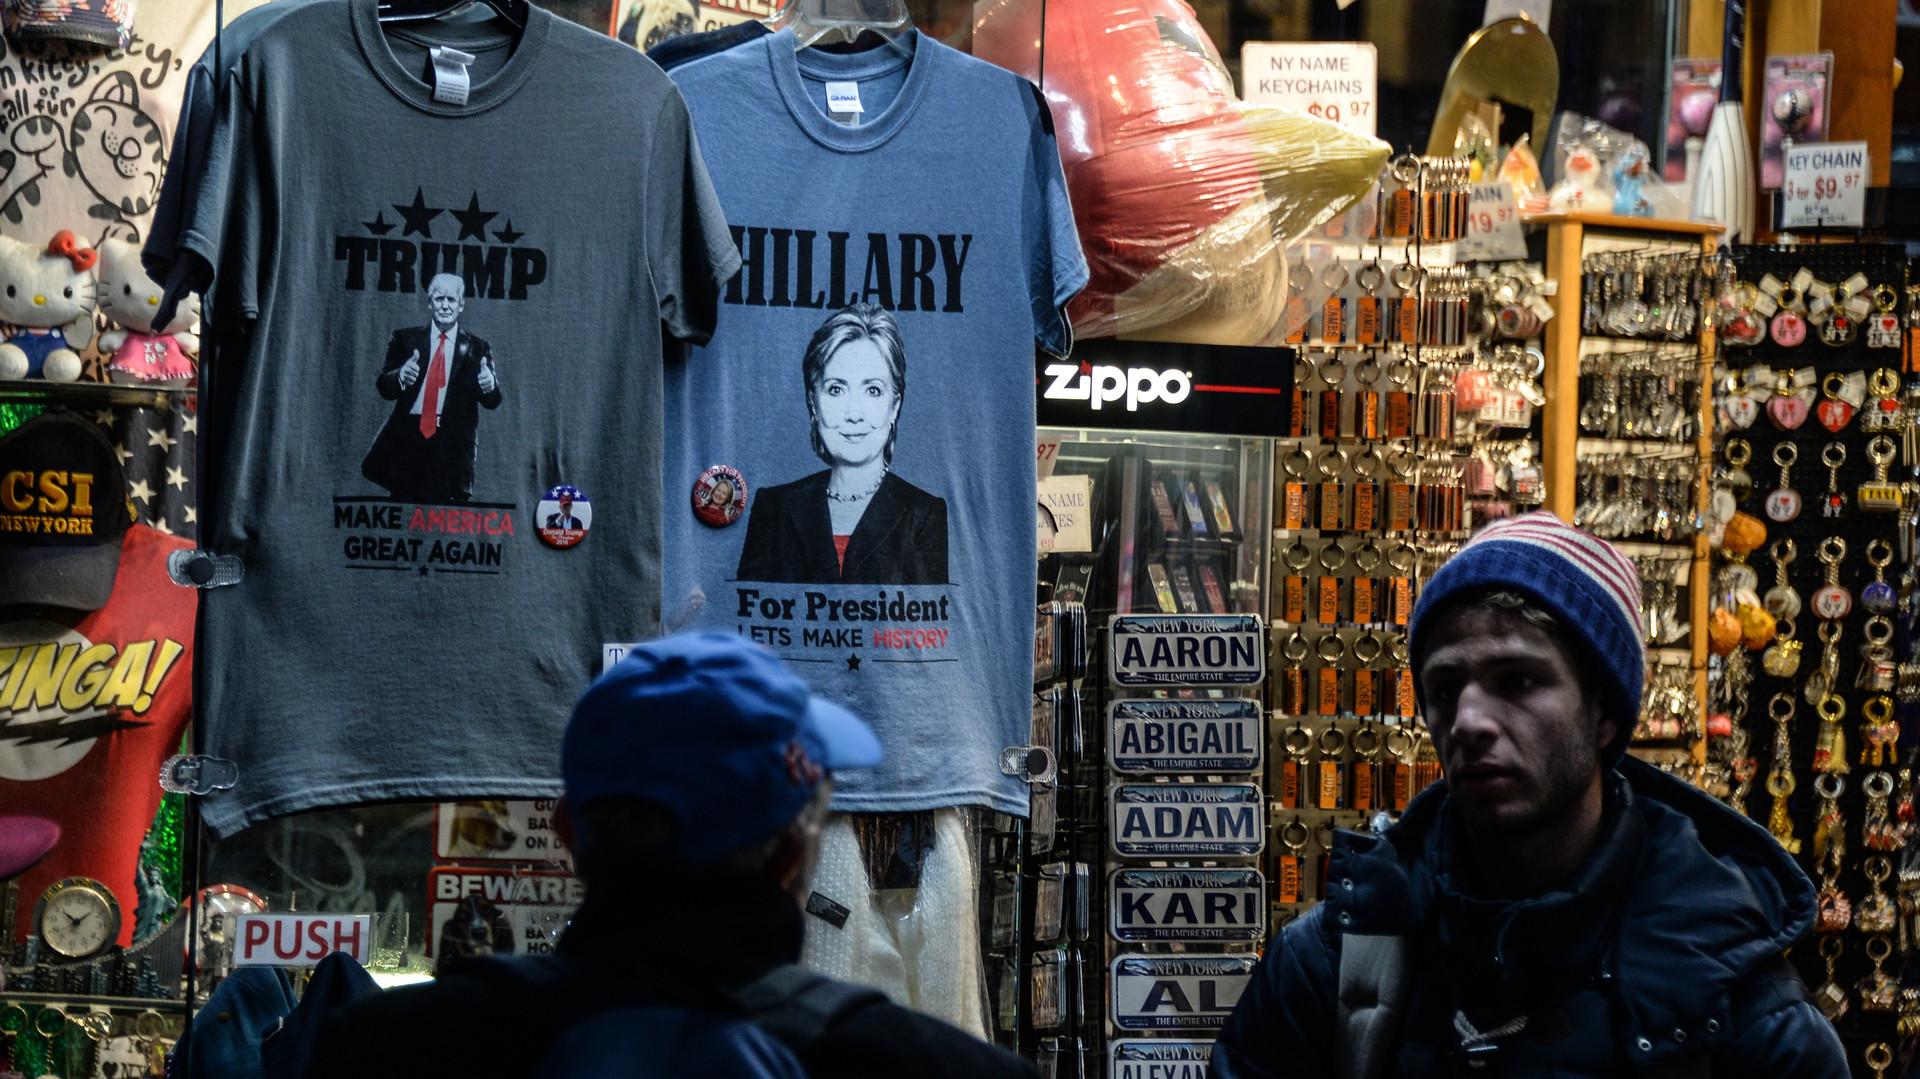 Брайтон-Бич выбирает: кому отдадут голоса русские эмигранты